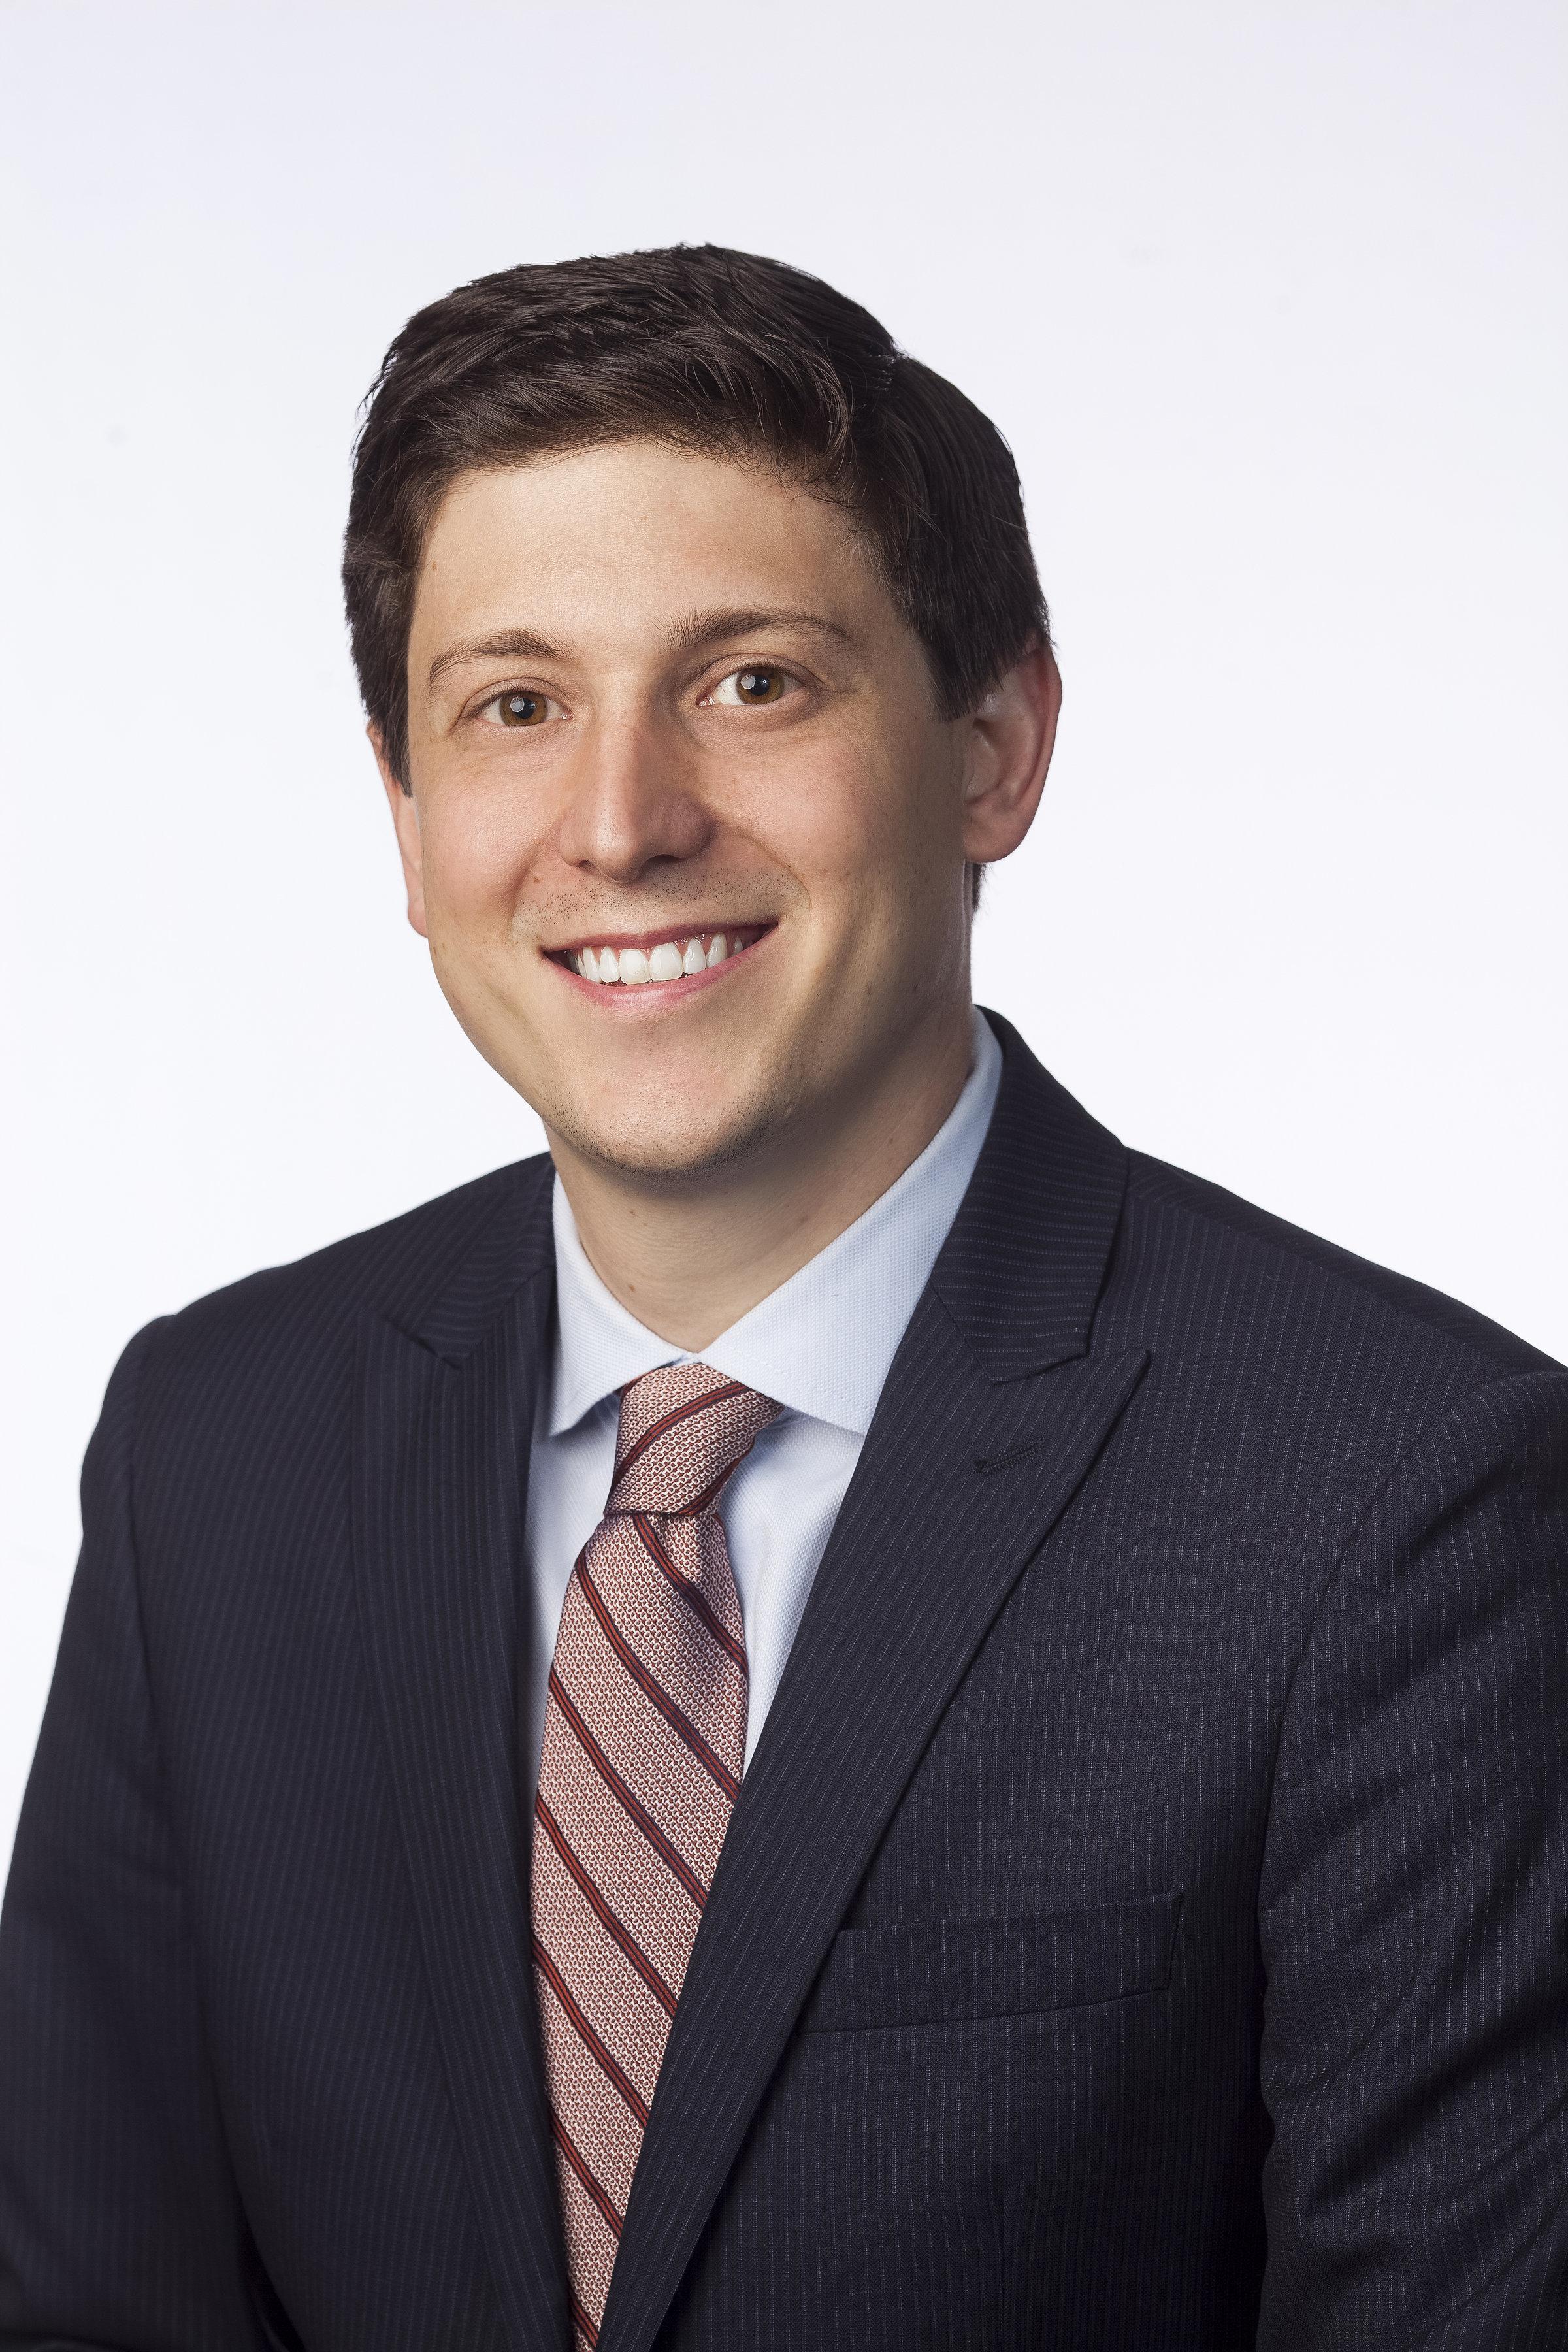 Jacob A. Shapiro